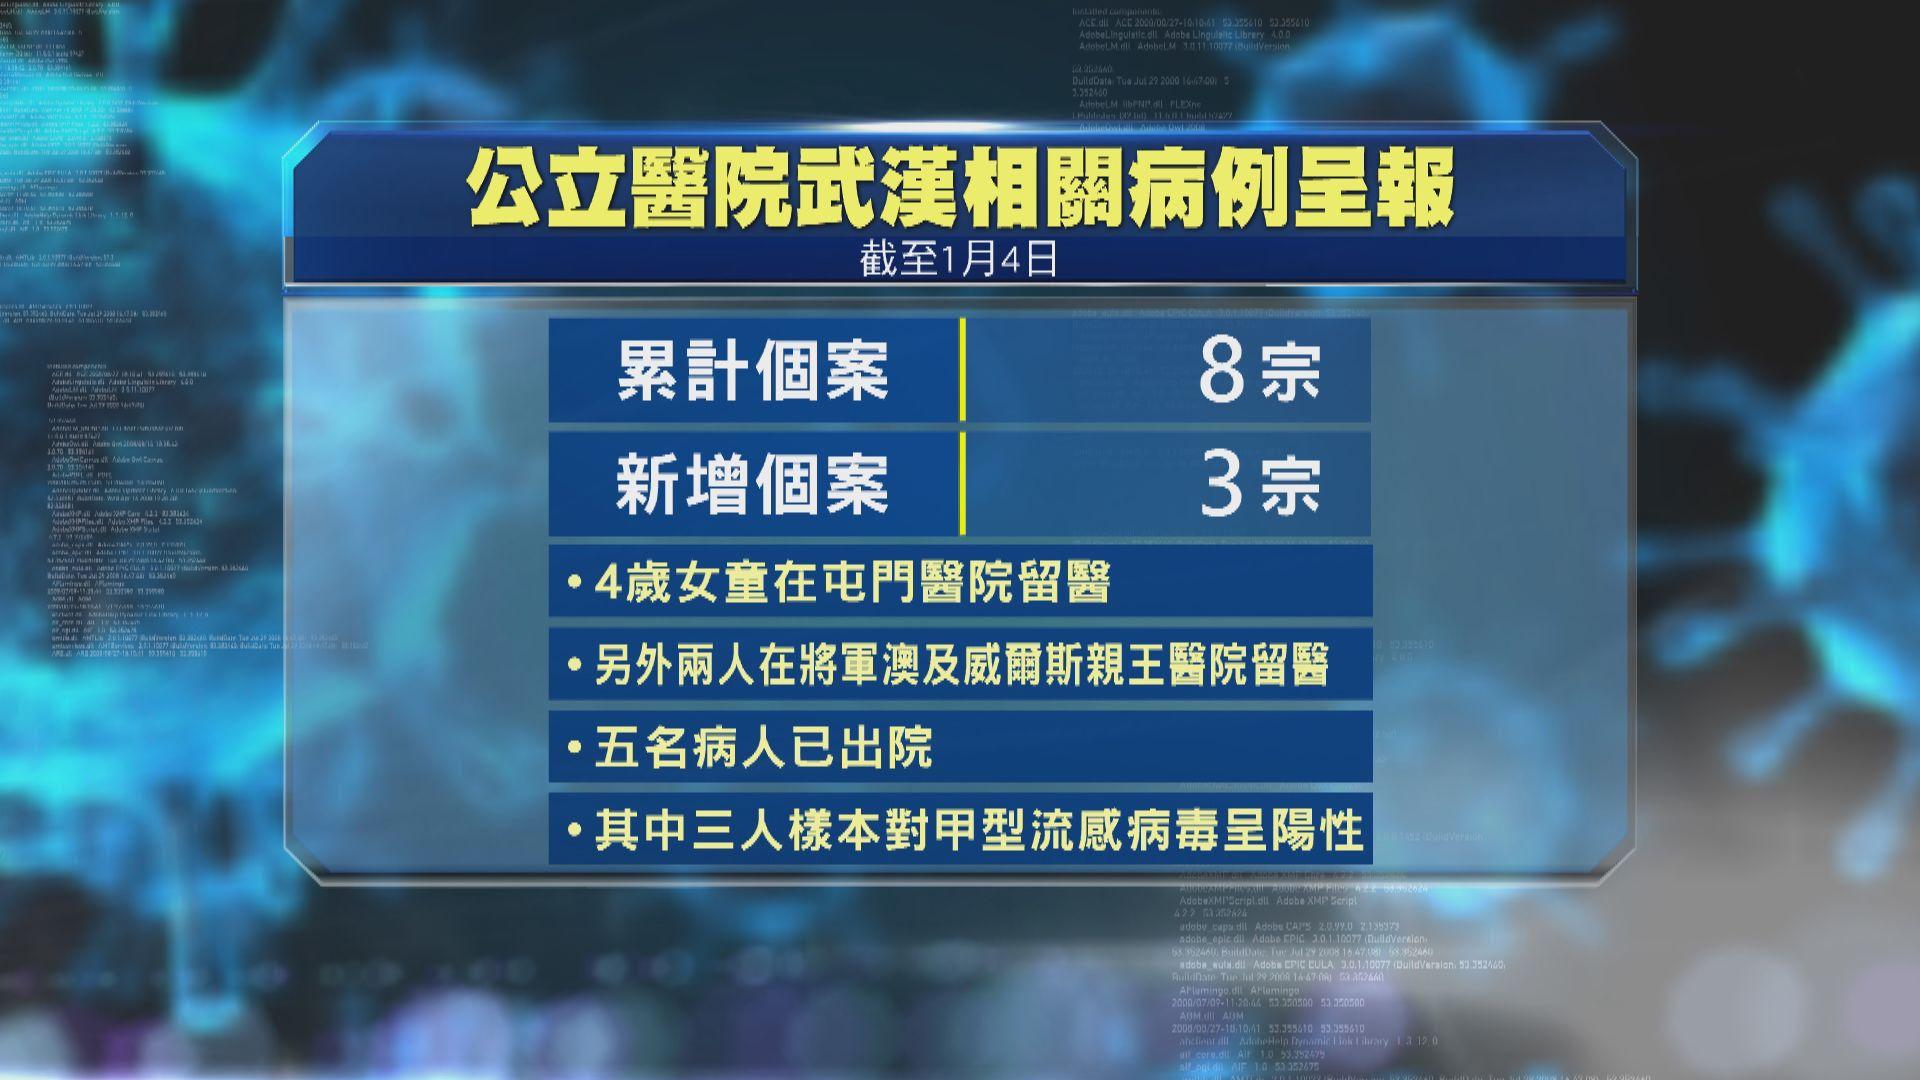 本港到武漢後出現呼吸道感染個案增至八宗